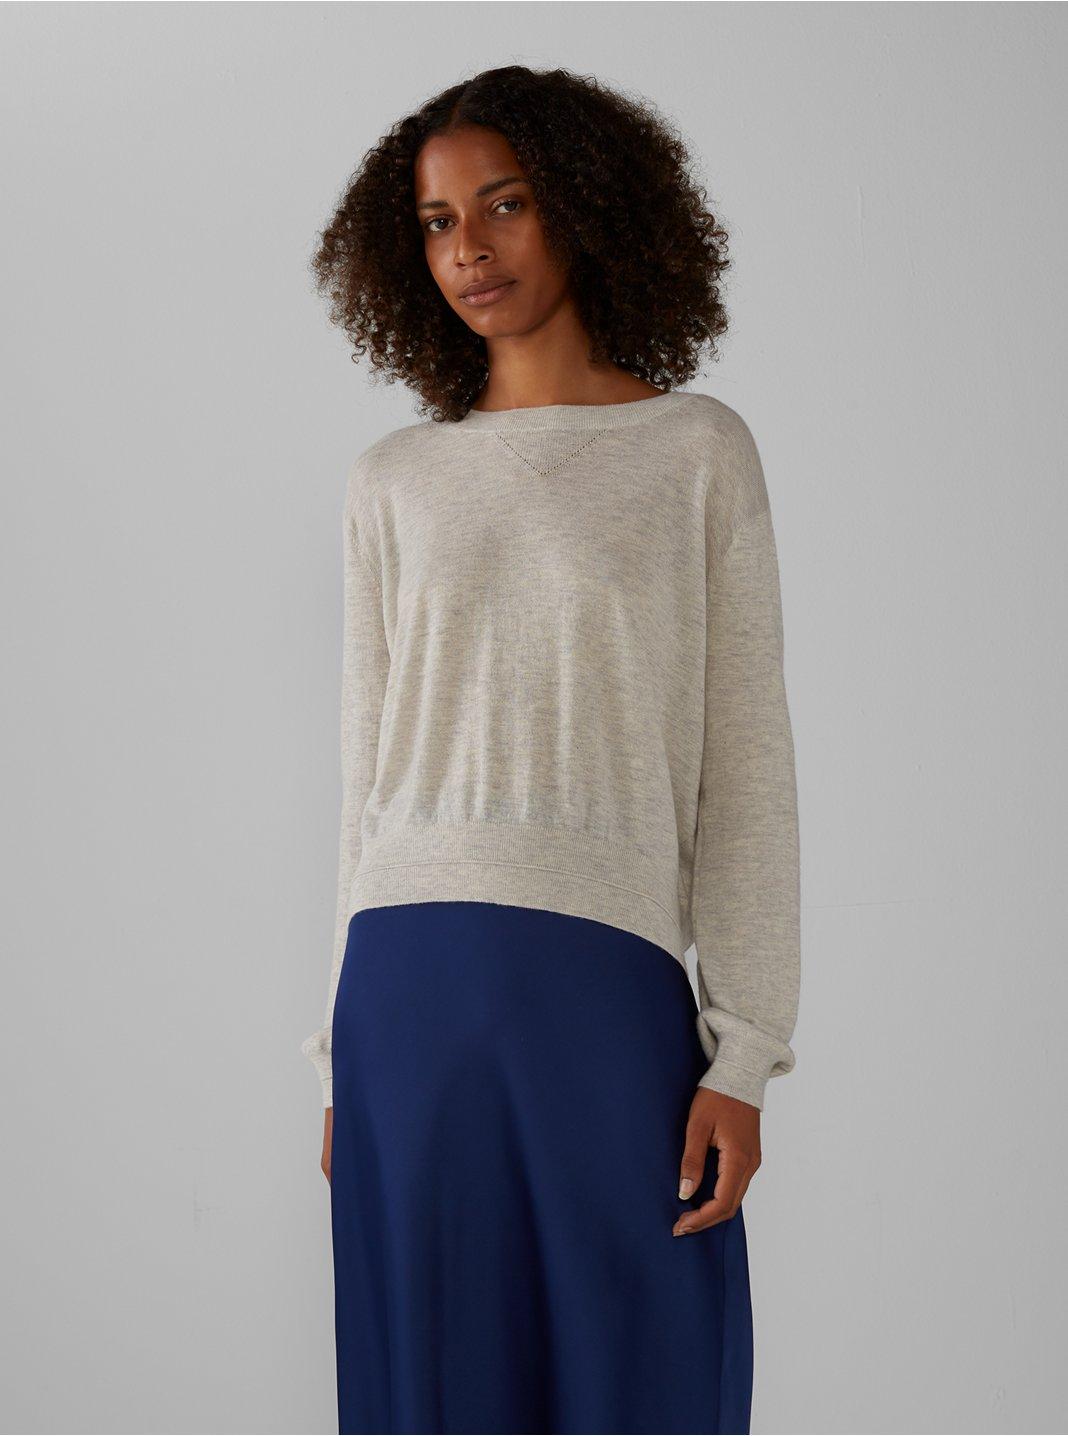 Badoop Cashmere Sweater